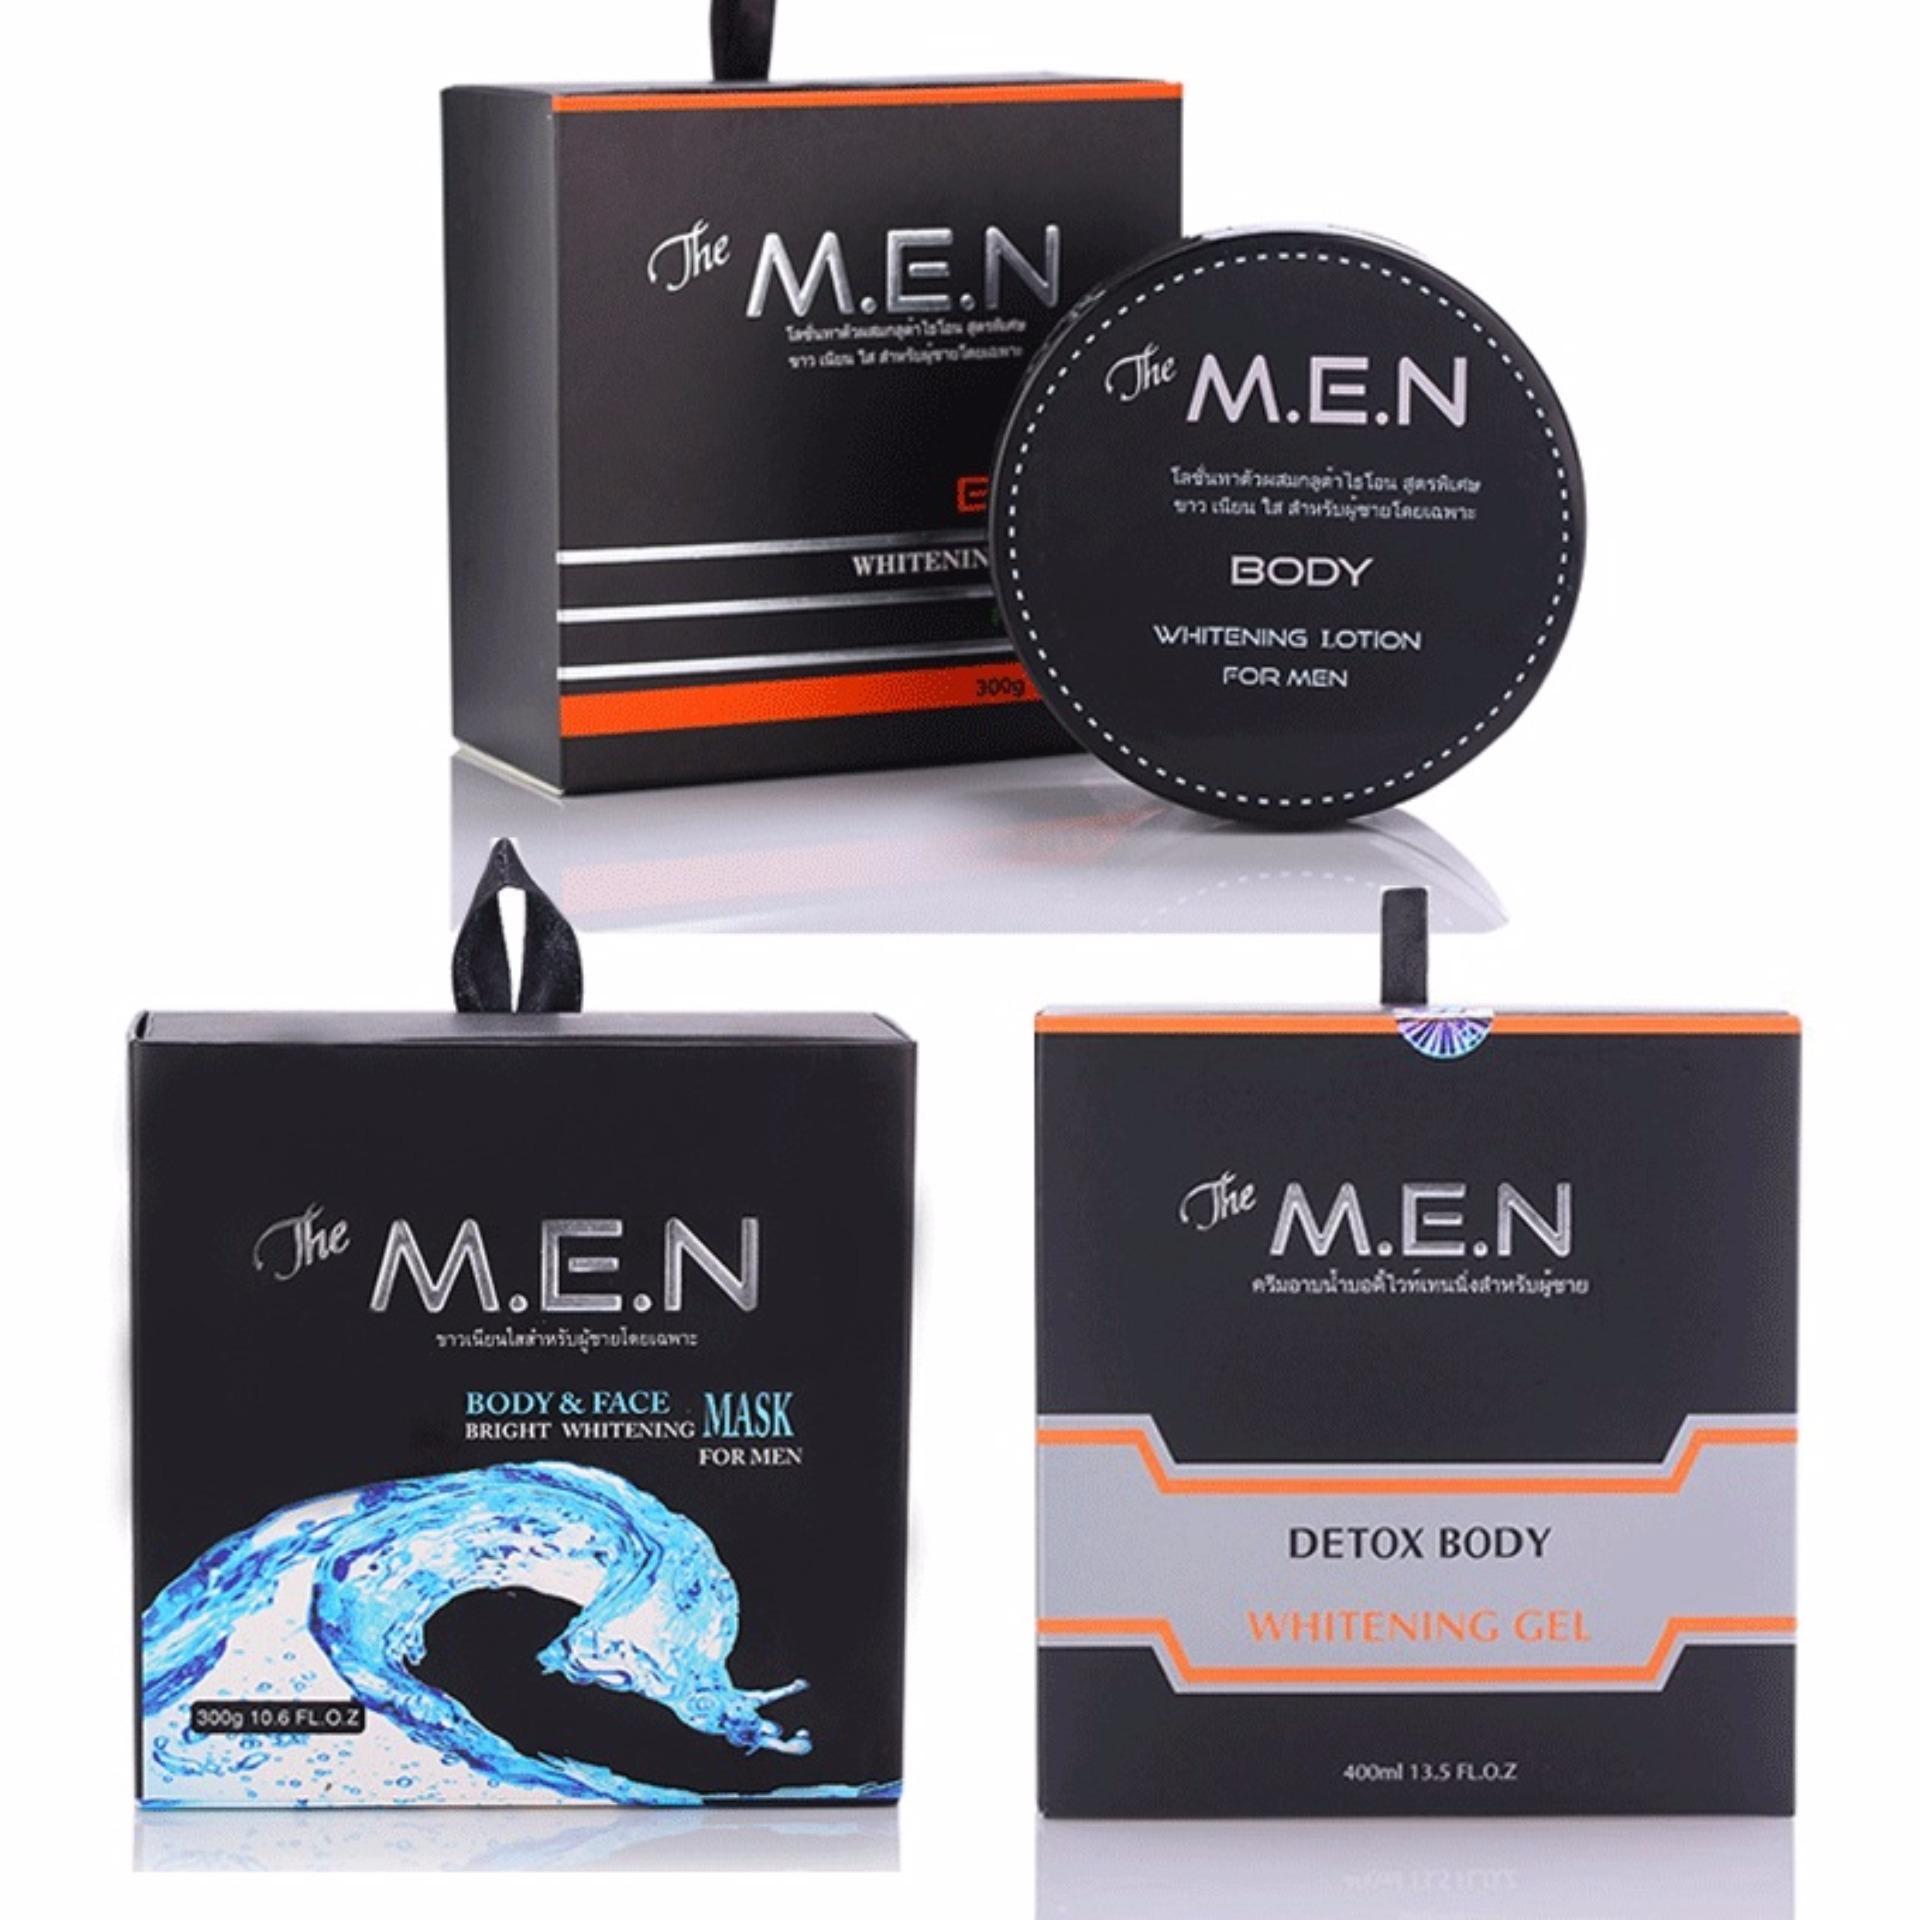 Bộ dưỡng trắng da hoàn hảo The M.E.N 3 in 1 (Body, Face, Detox)